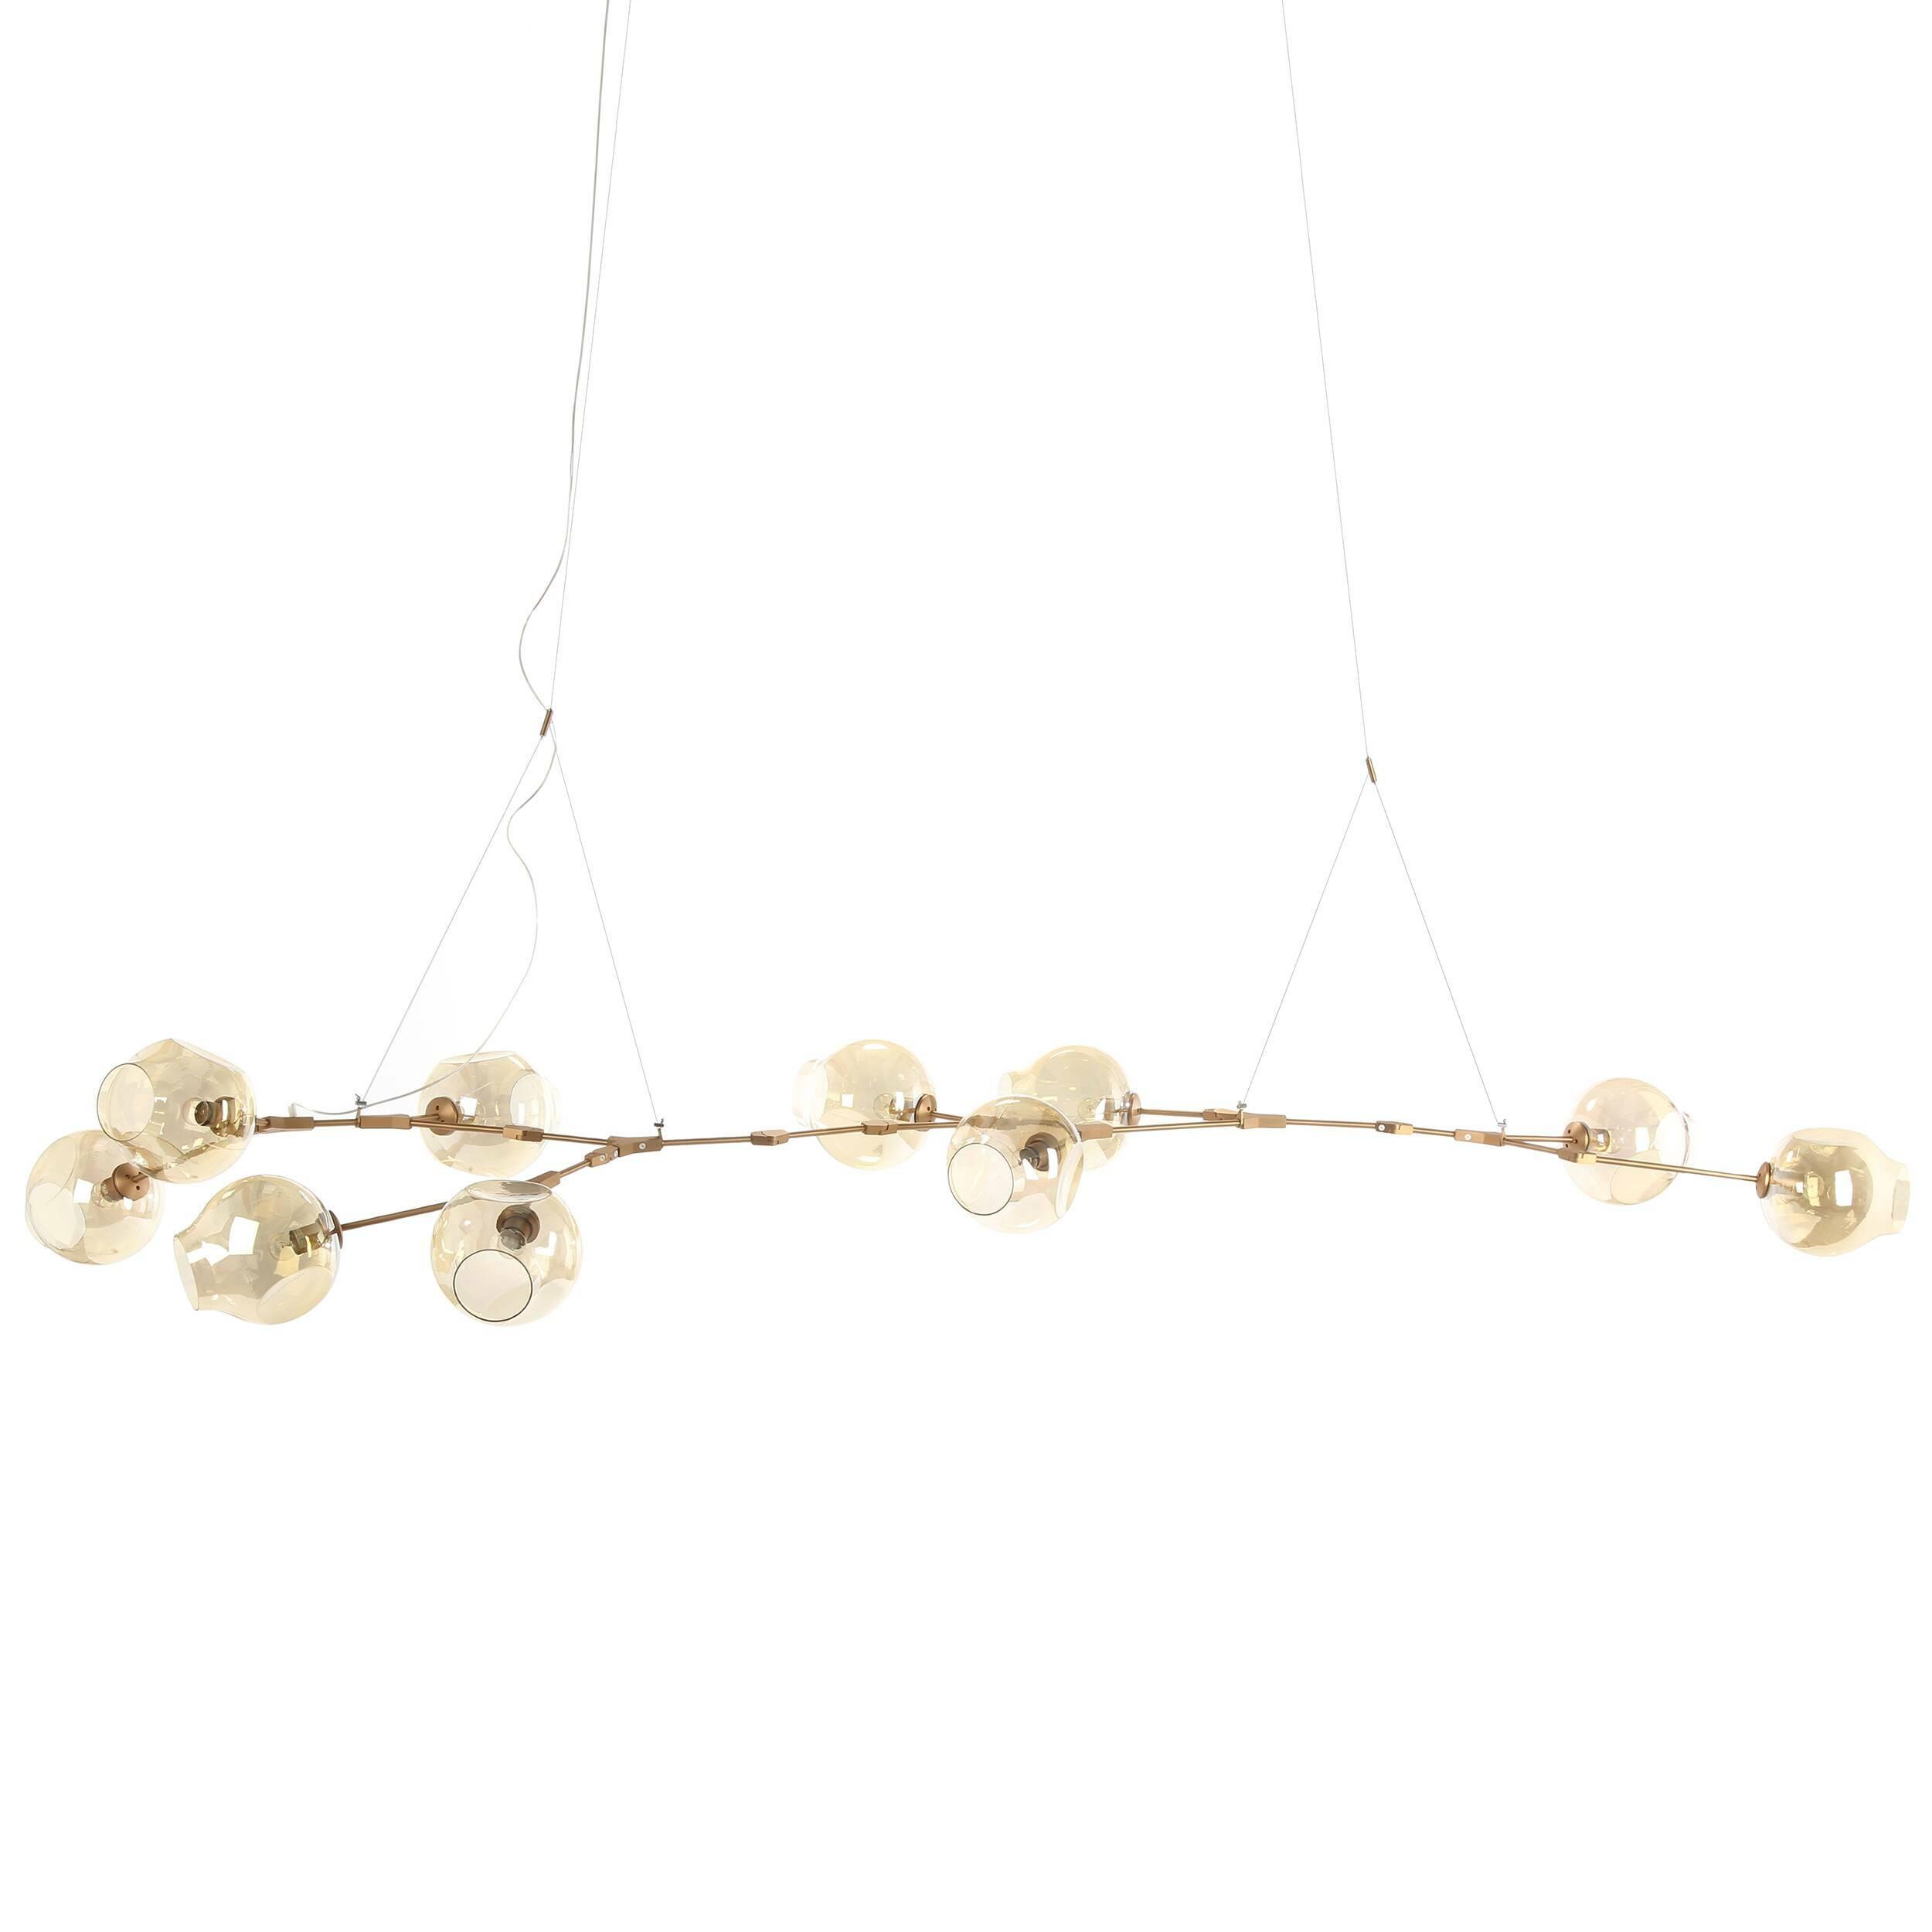 Подвесной светильник Branching Bubbles Summer 10 лампПодвесные<br>Вдохновленная красотой природных явлений, популярнейший американский дизайнер Линдси Адельман создала уникальное изделие, которое гармонично сочетает в себе черты индустриального прогресса и природные формы. Работы Адельман — это не просто осветительные приборы, но маленькие произведения искусства, которые завоевали себе заслуженную популярность и выставлялись во многих музеях, связанных с современным искусством дизайна.<br><br><br> Подвесной светильник Branching Bubbles Summer 10 ламп имеет де...<br><br>stock: 1<br>Высота: 40<br>Ширина: 145<br>Диаметр: 23<br>Длина: 348<br>Количество ламп: 10<br>Материал абажура: Стекло<br>Материал арматуры: Сталь<br>Мощность лампы: 40<br>Ламп в комплекте: Нет<br>Тип лампы/цоколь: E27<br>Цвет абажура: Коньячный<br>Цвет арматуры: Латунь